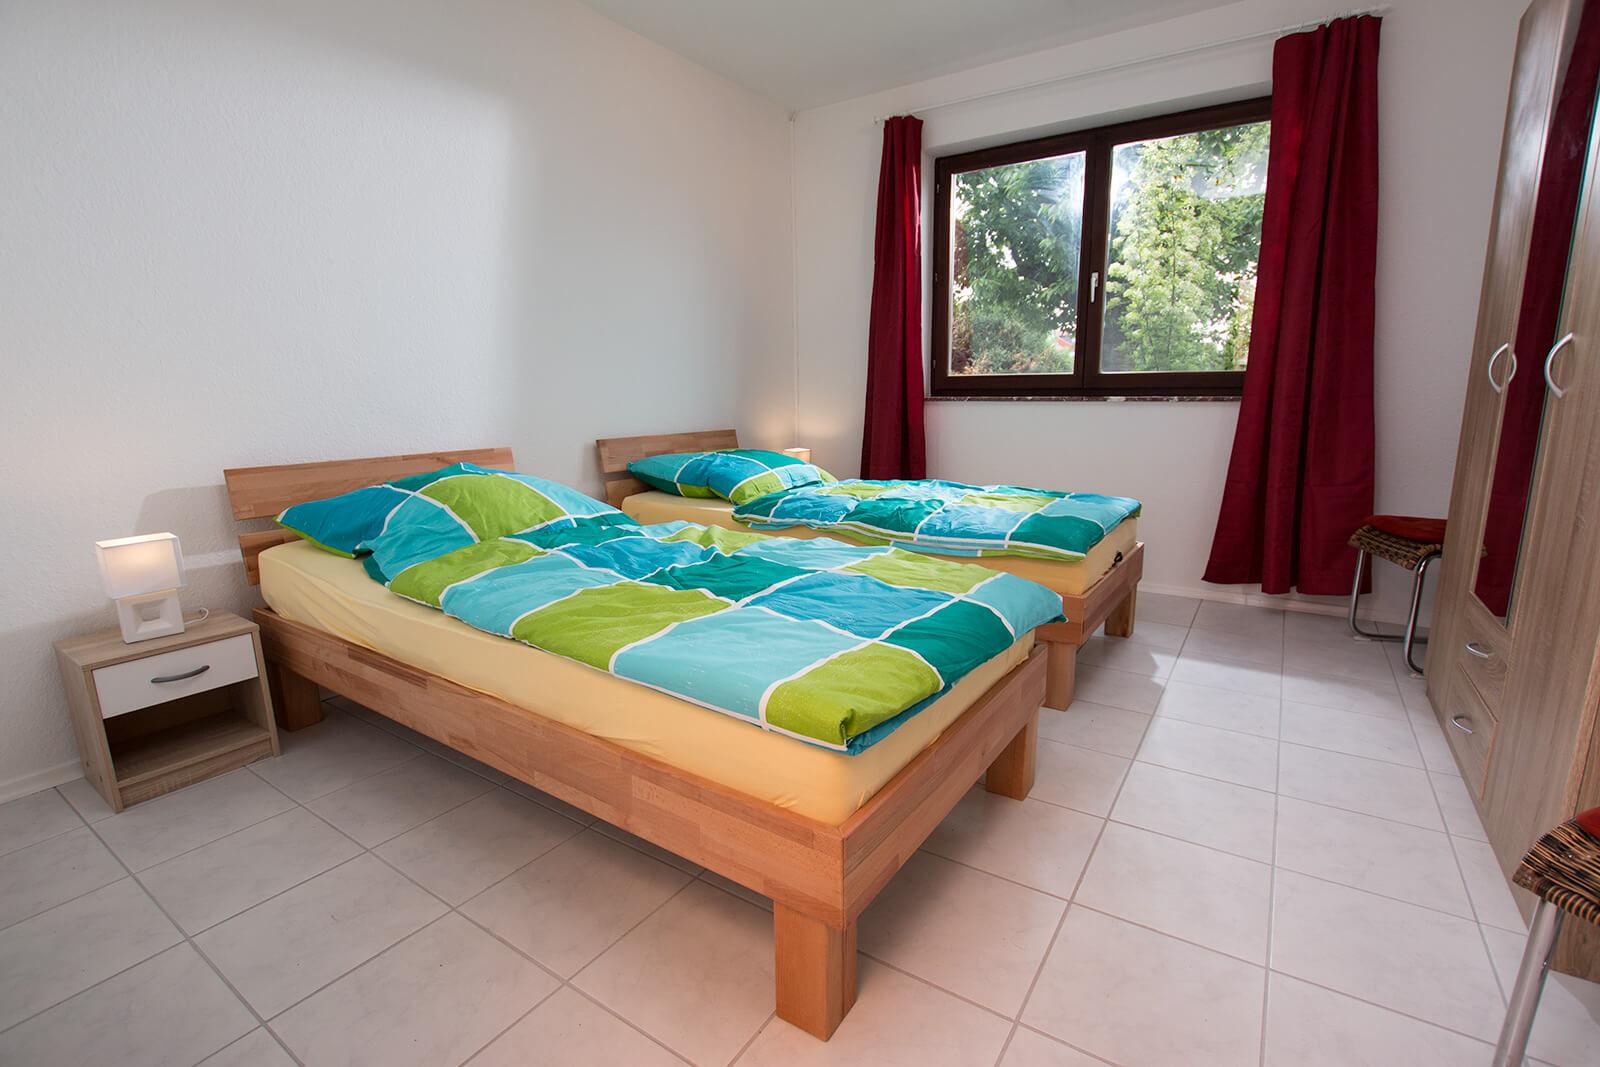 Bequeme Betten mit modernen Matratzen, Leselampen und Nachttischchen.